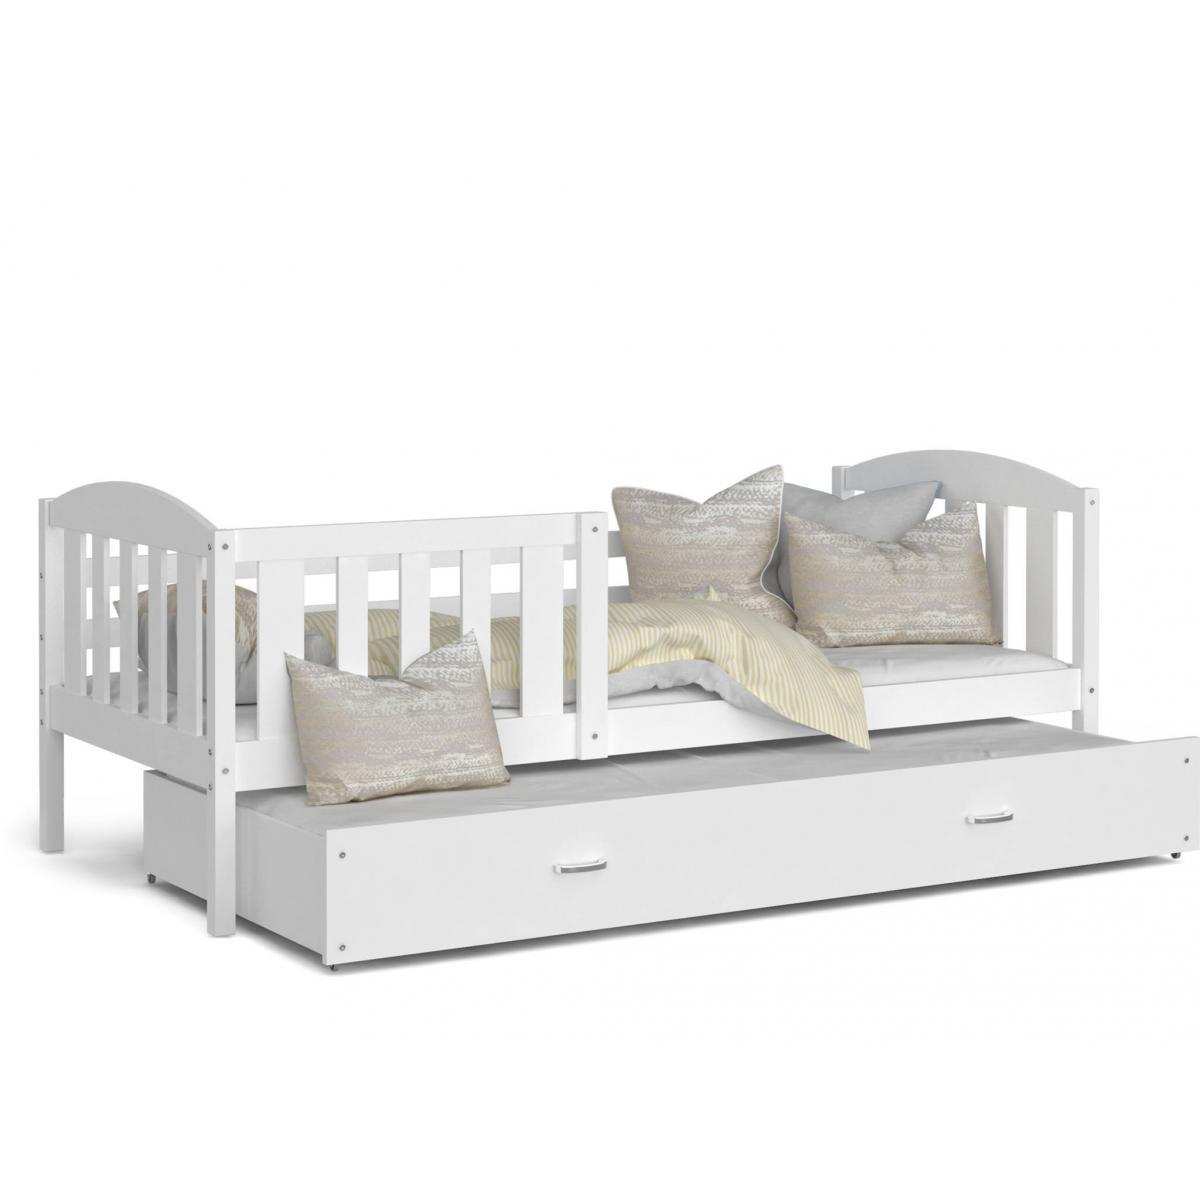 Kids Literie LIT Gigogne Teo 90x190 Blanc - Blanc livré avec sommier, tiroir et matelas de 7cm OFFERT.